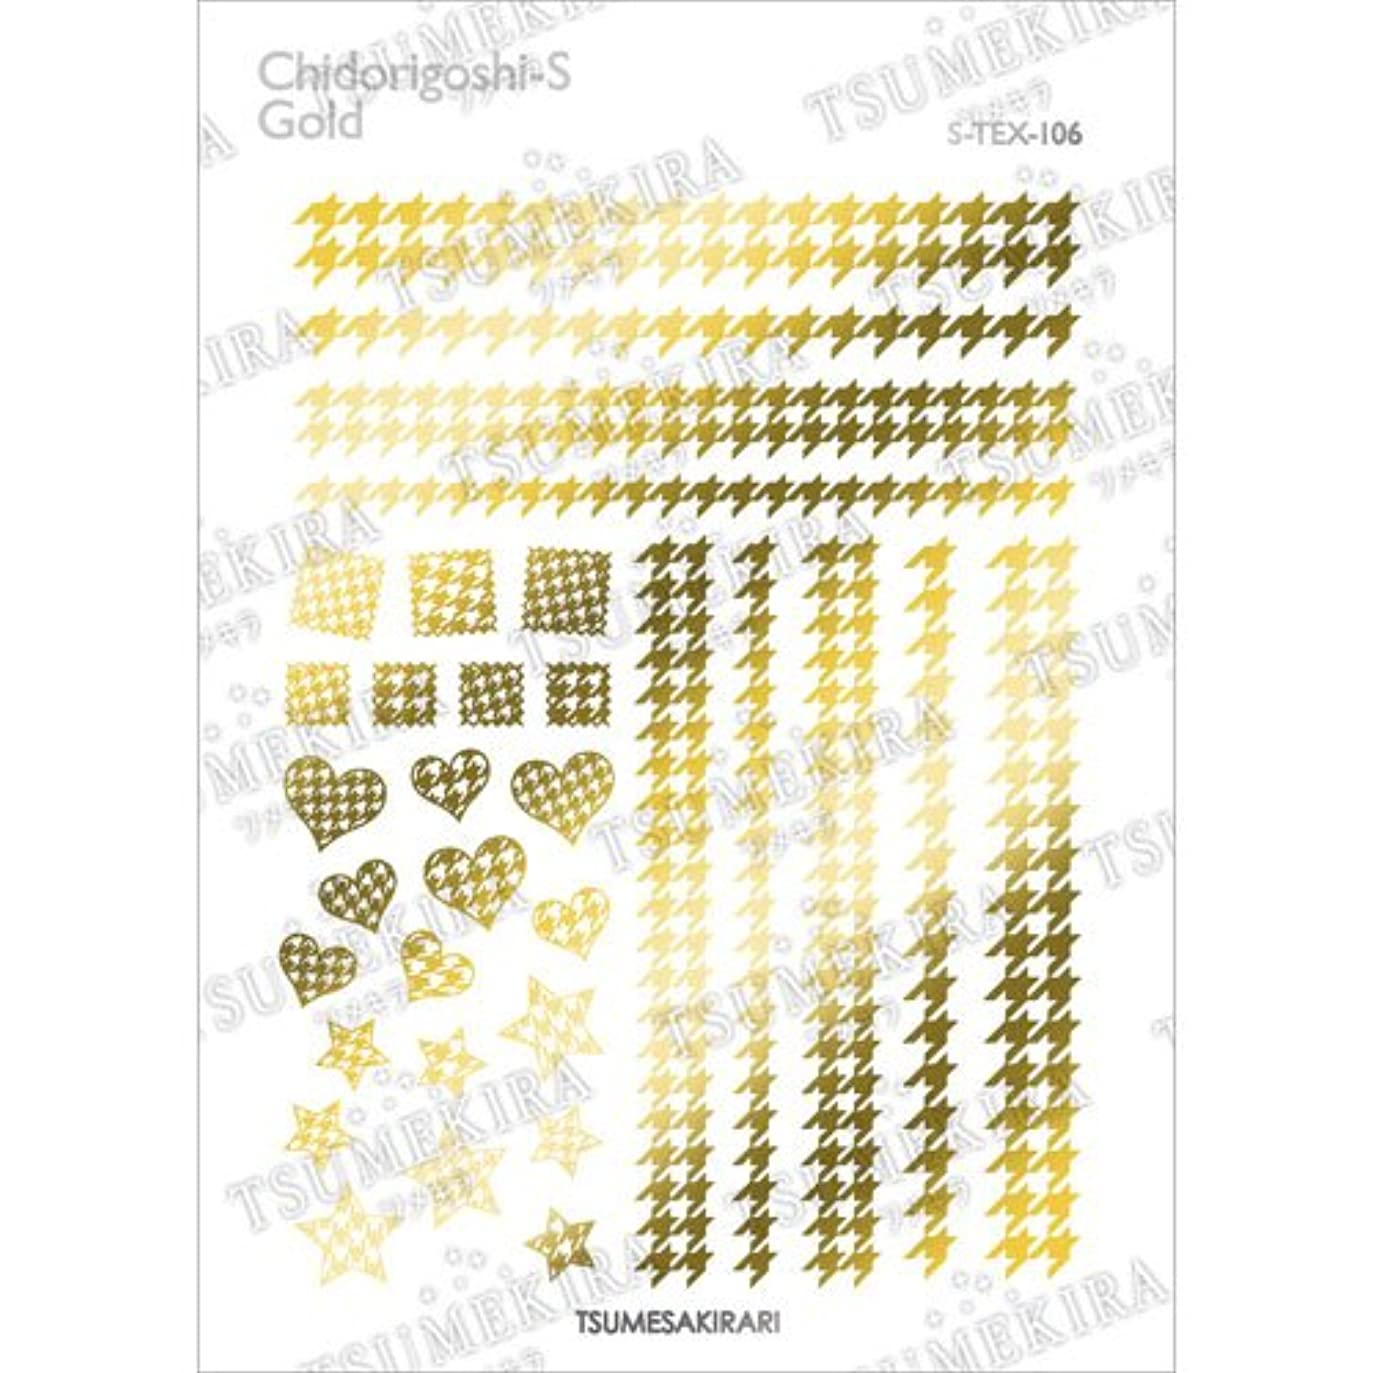 動機付ける印象派介入するツメキラ ネイル用シール スタンダードスタイル 千鳥格子 GOLD